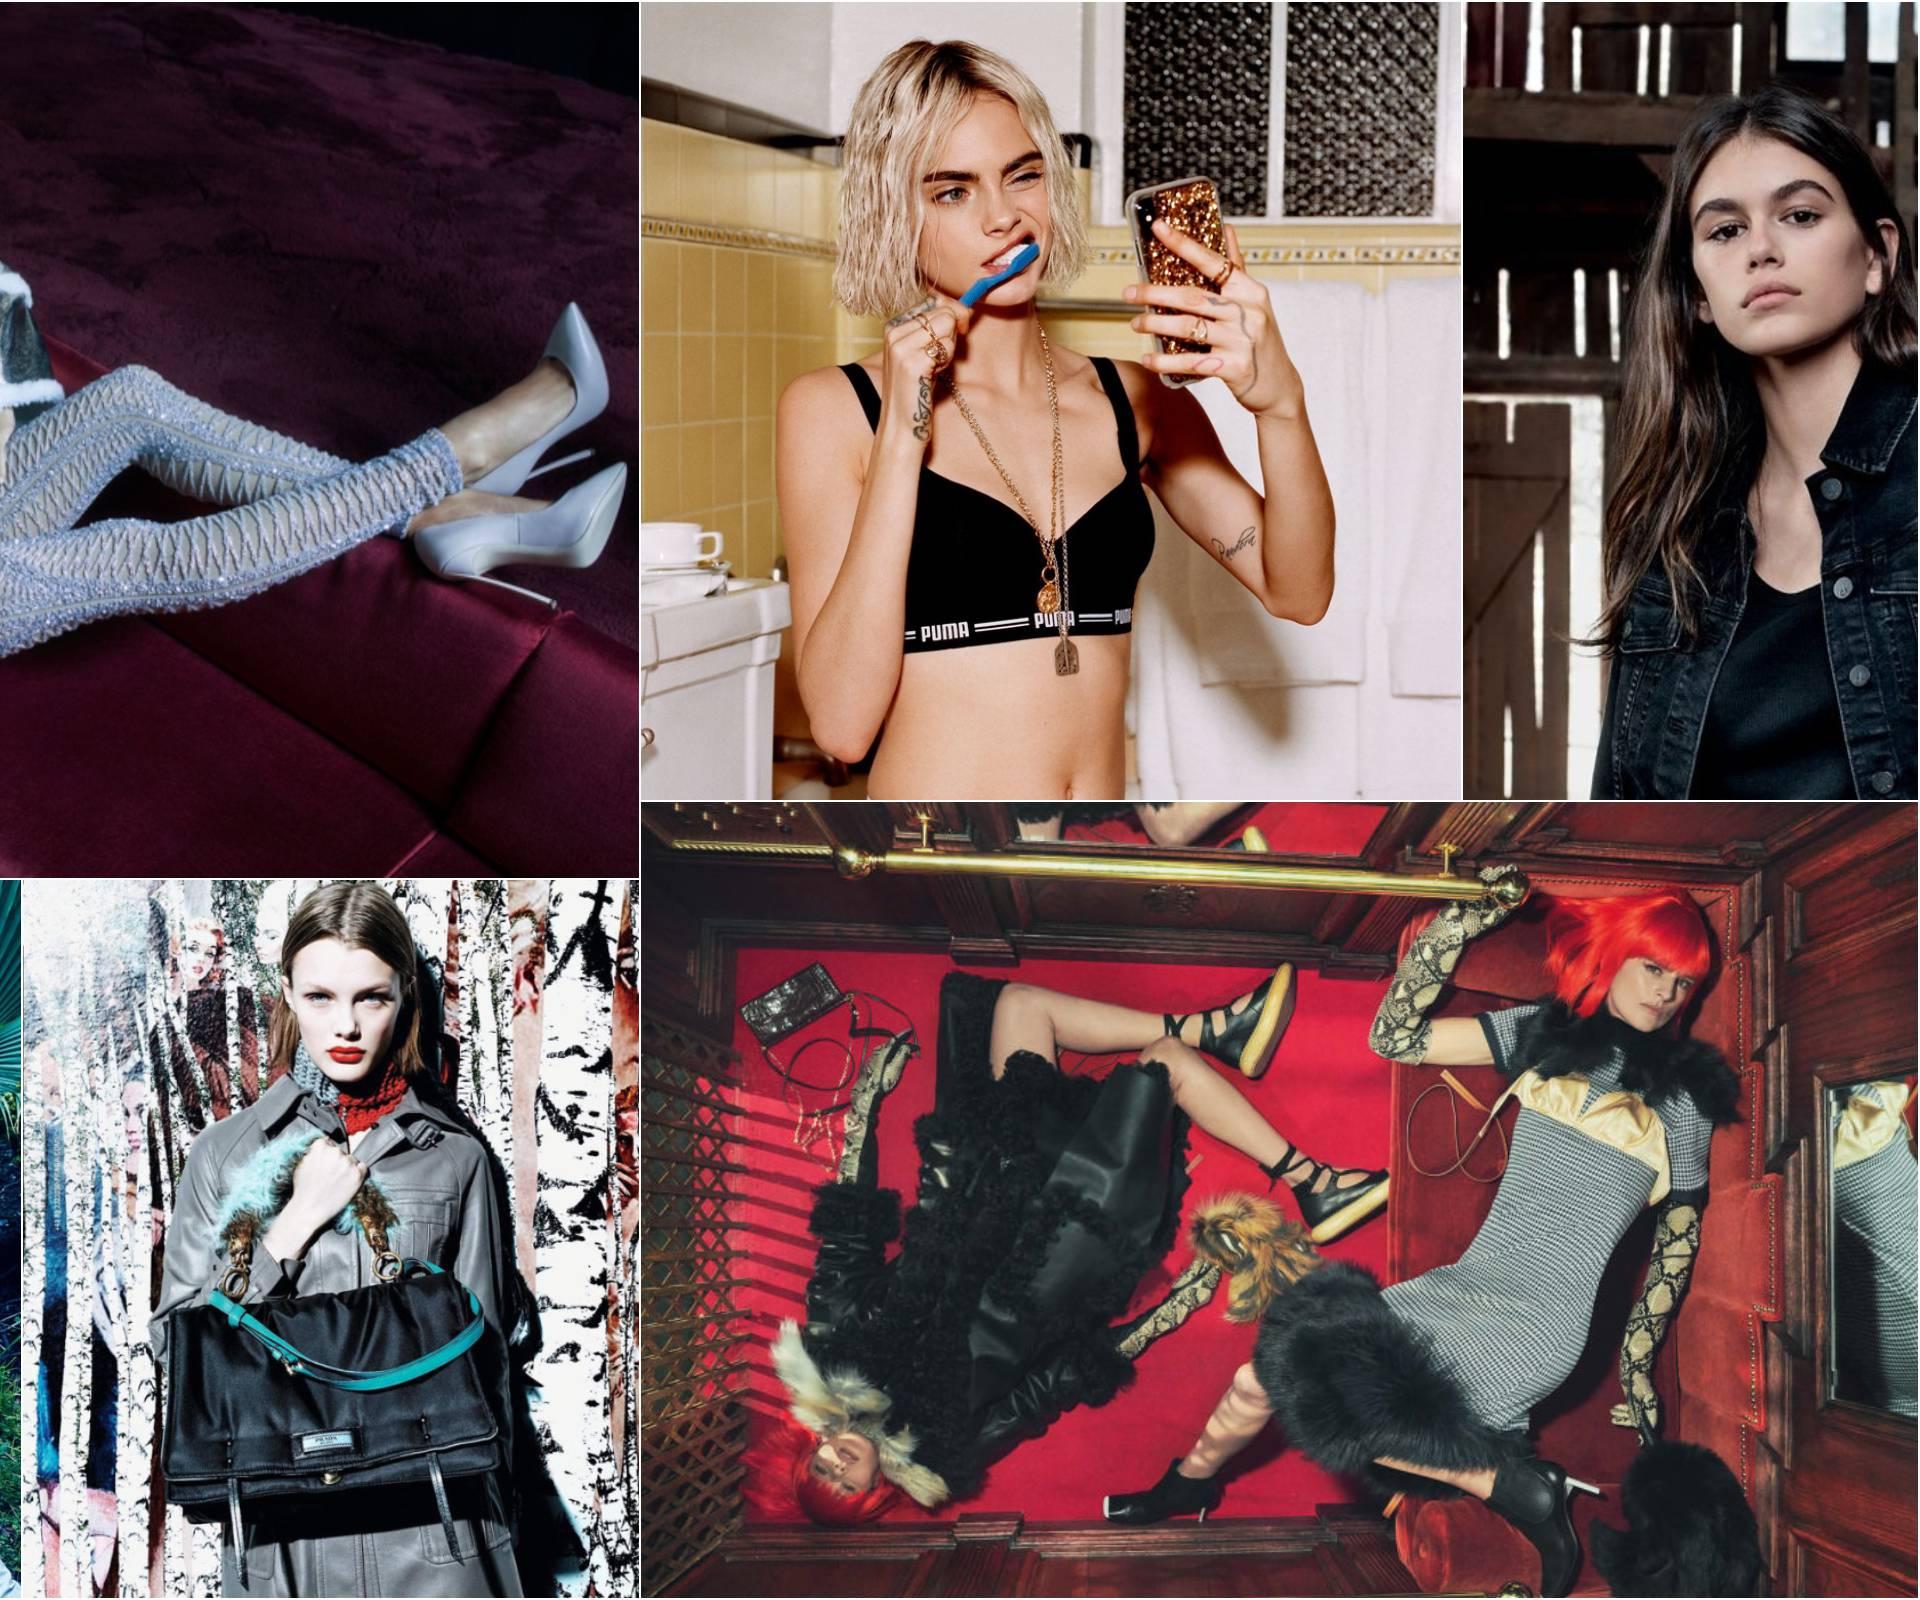 Opasni ljudi vrebaju modele: 'Mlade djevojke vjeruju svima'